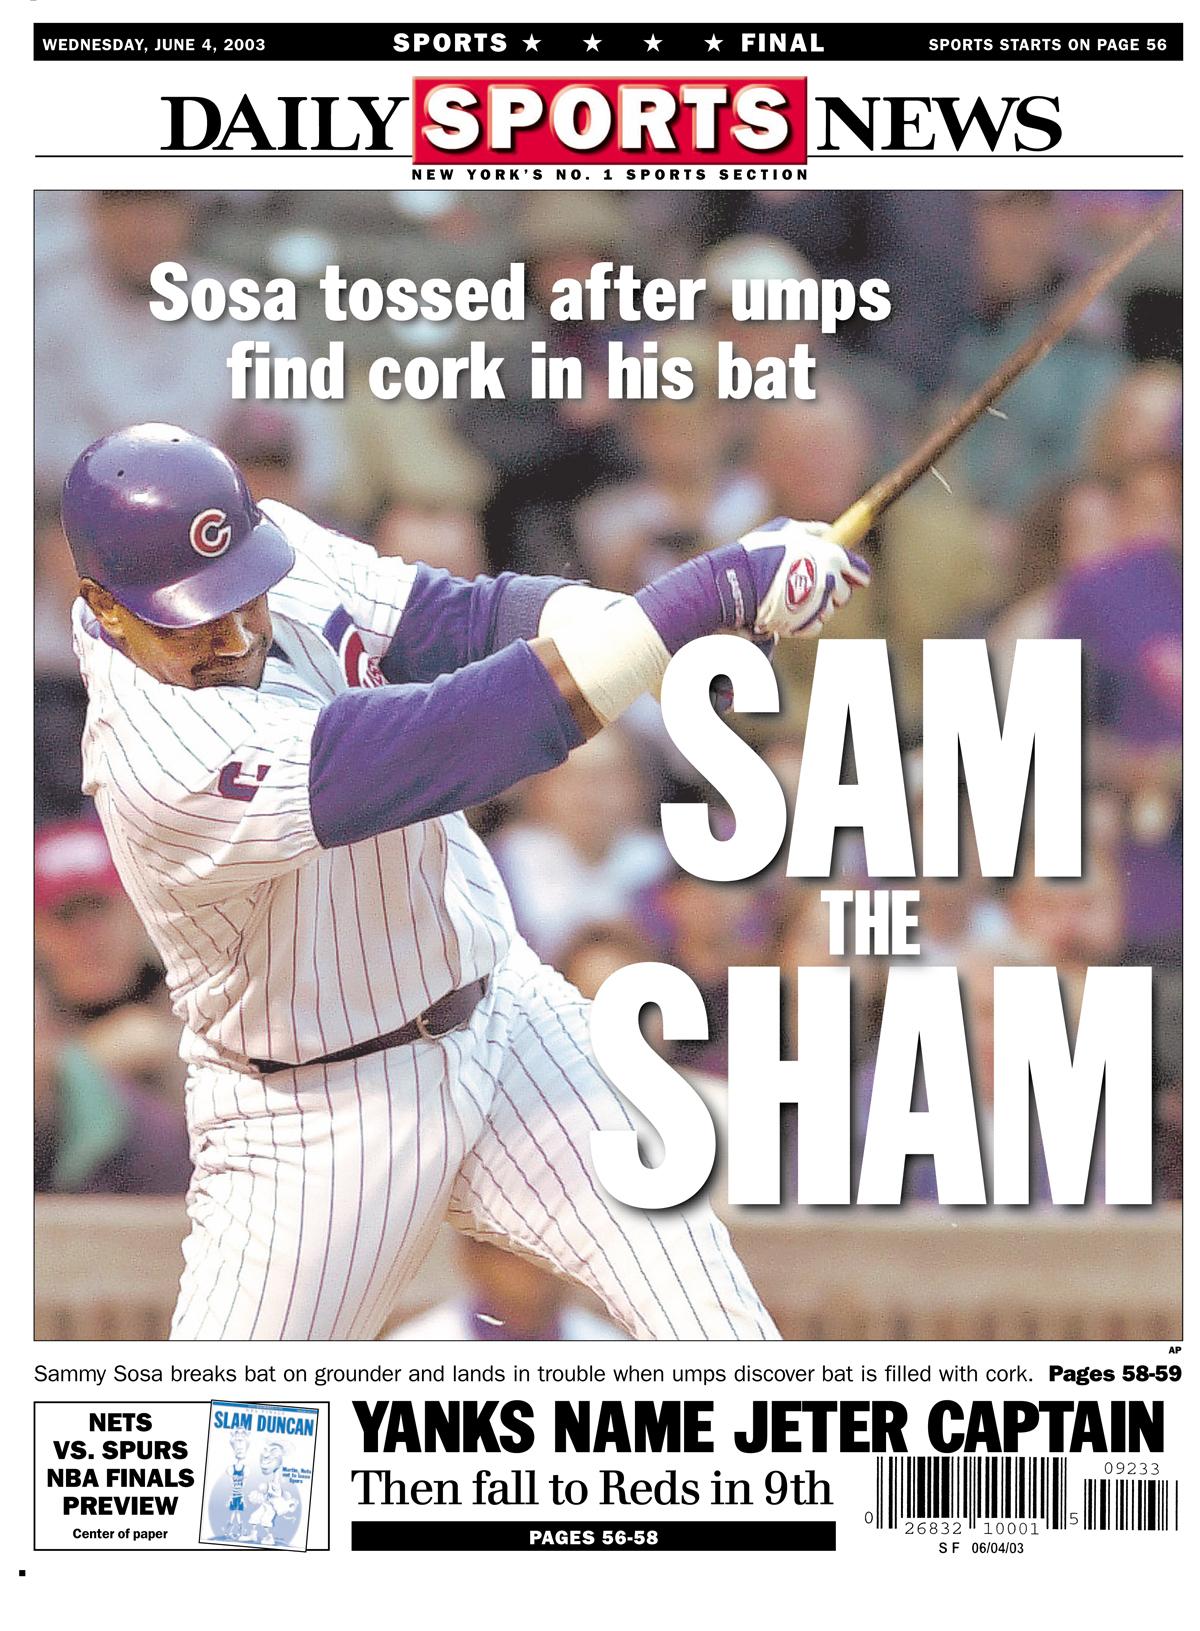 Sammy Sosa caught using corked bat in 2003 game vs  Devil